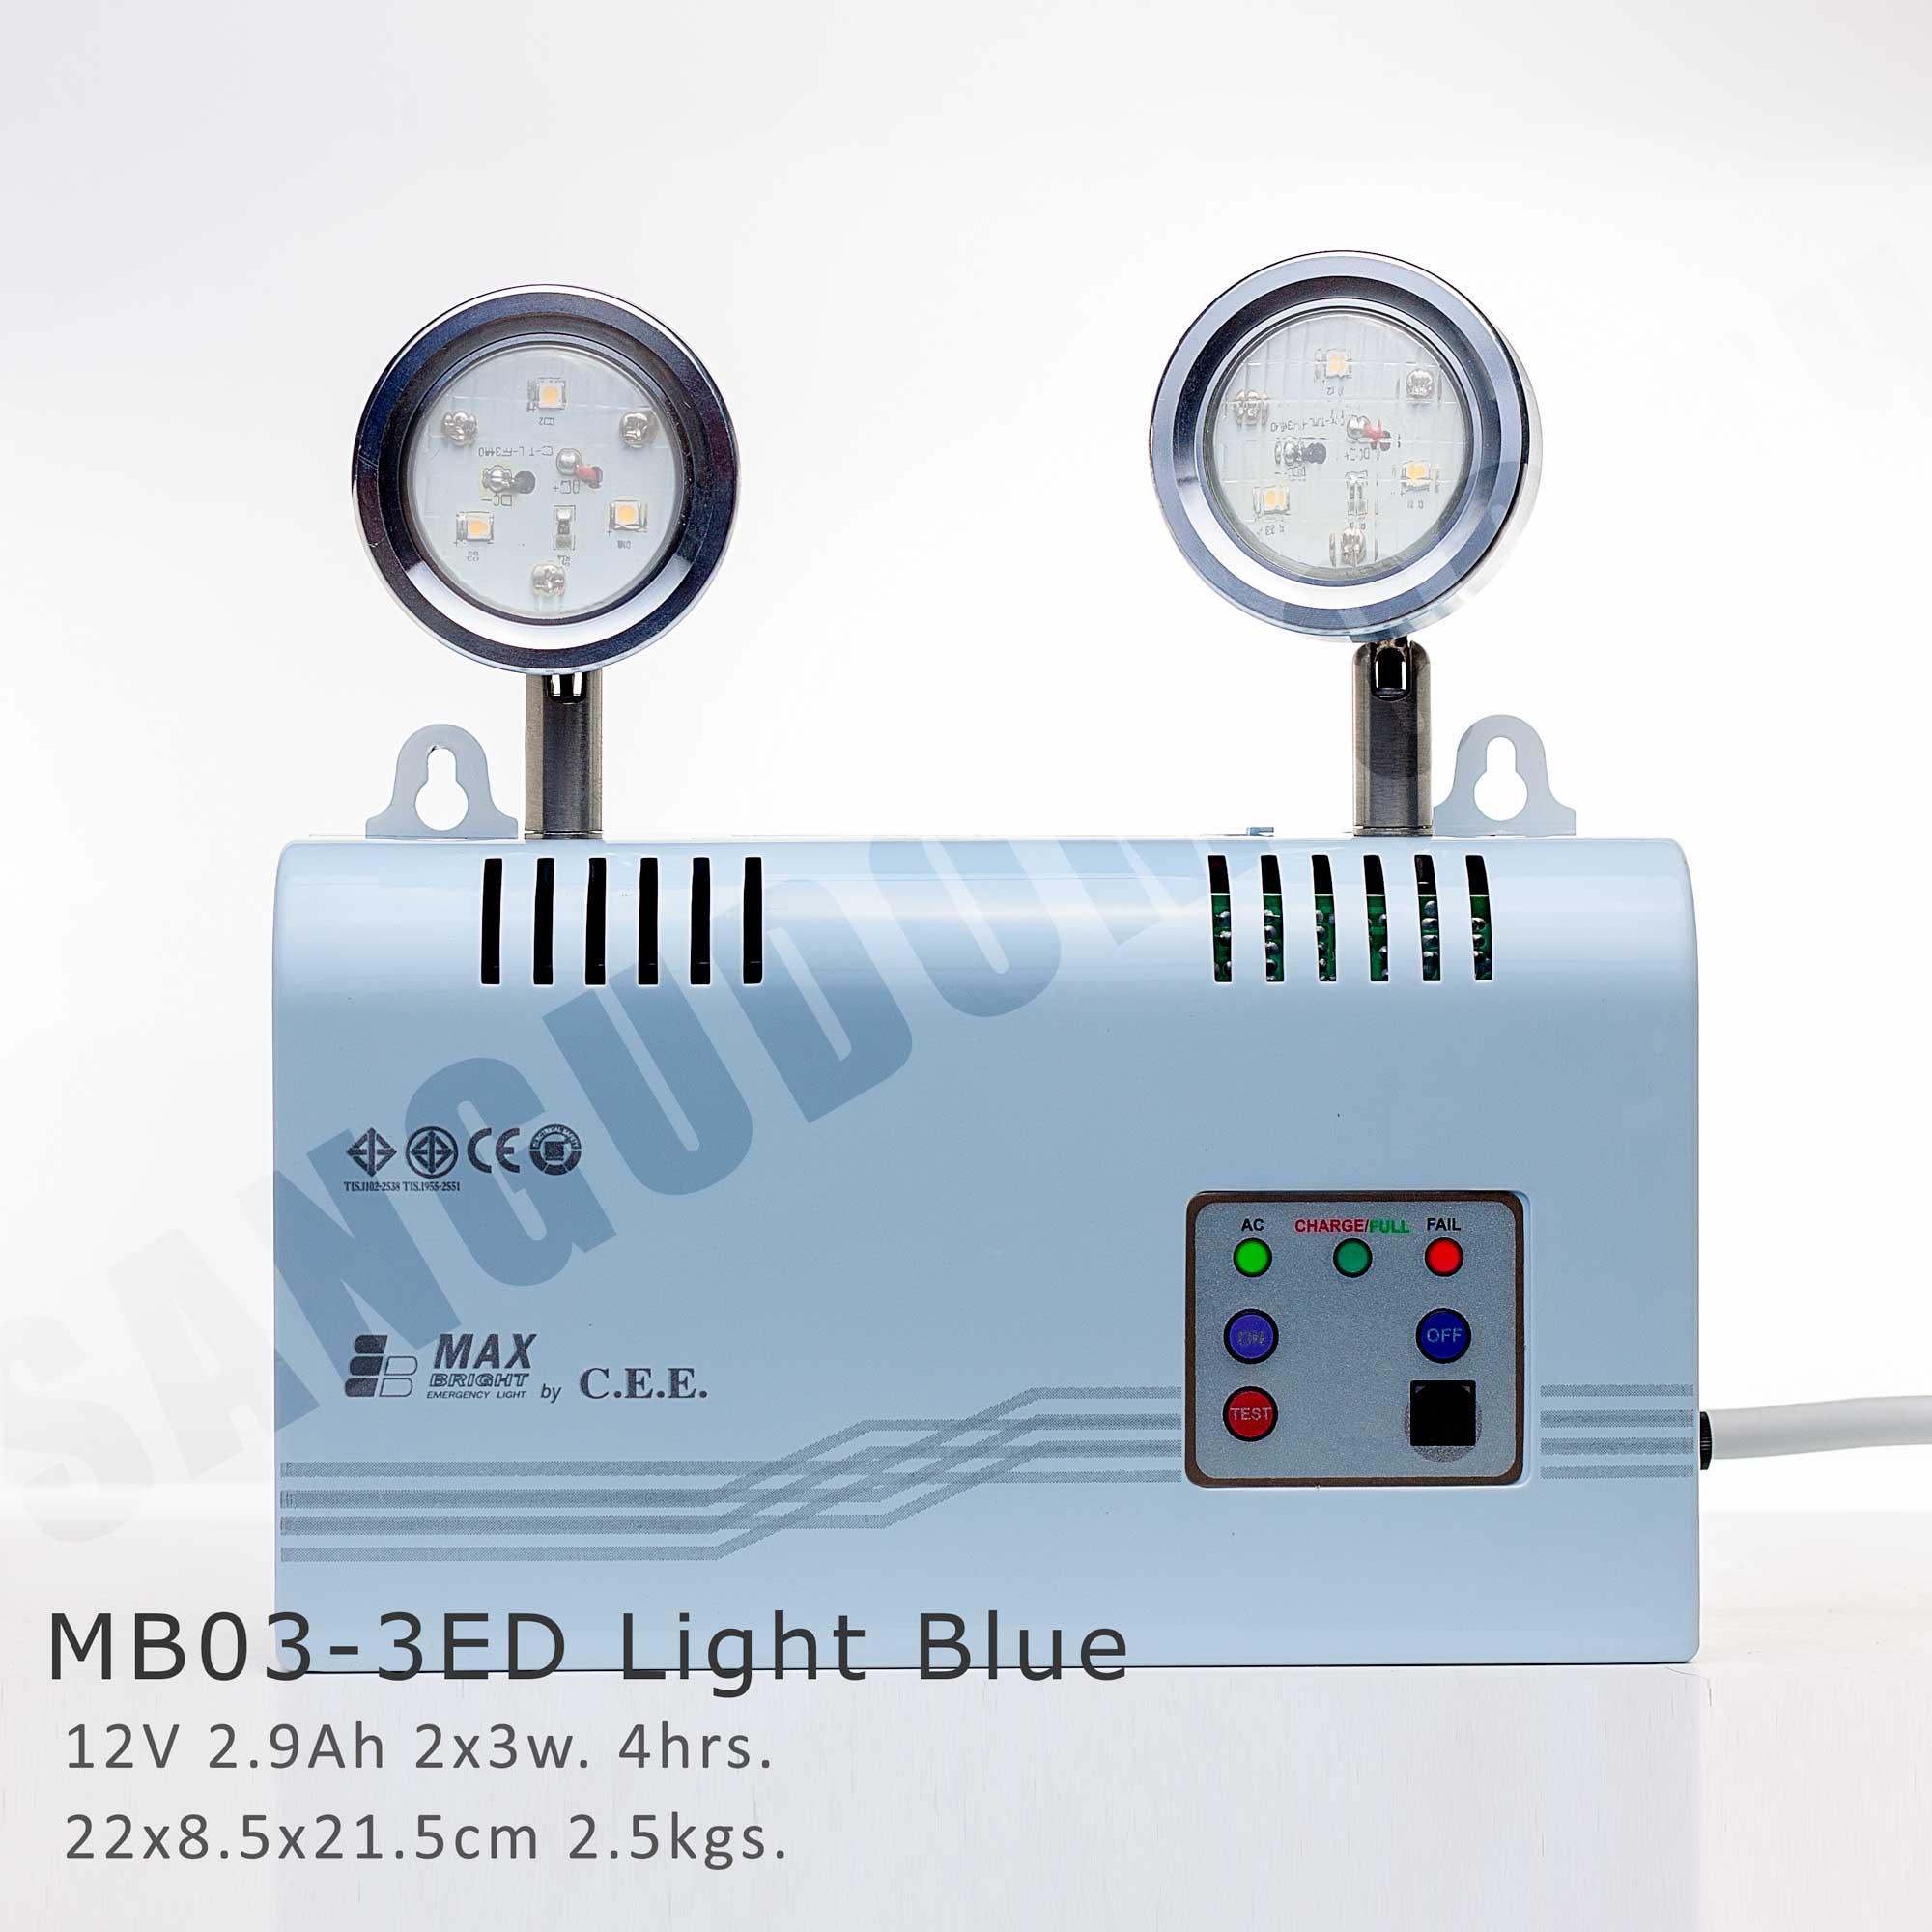 โคมไฟฉุกเฉิน LED 2 หลอด 3 watt 12V 2.9Ah 4hrs สีฟ้า MB03-3ED MAX BRIGHT Emergency Light